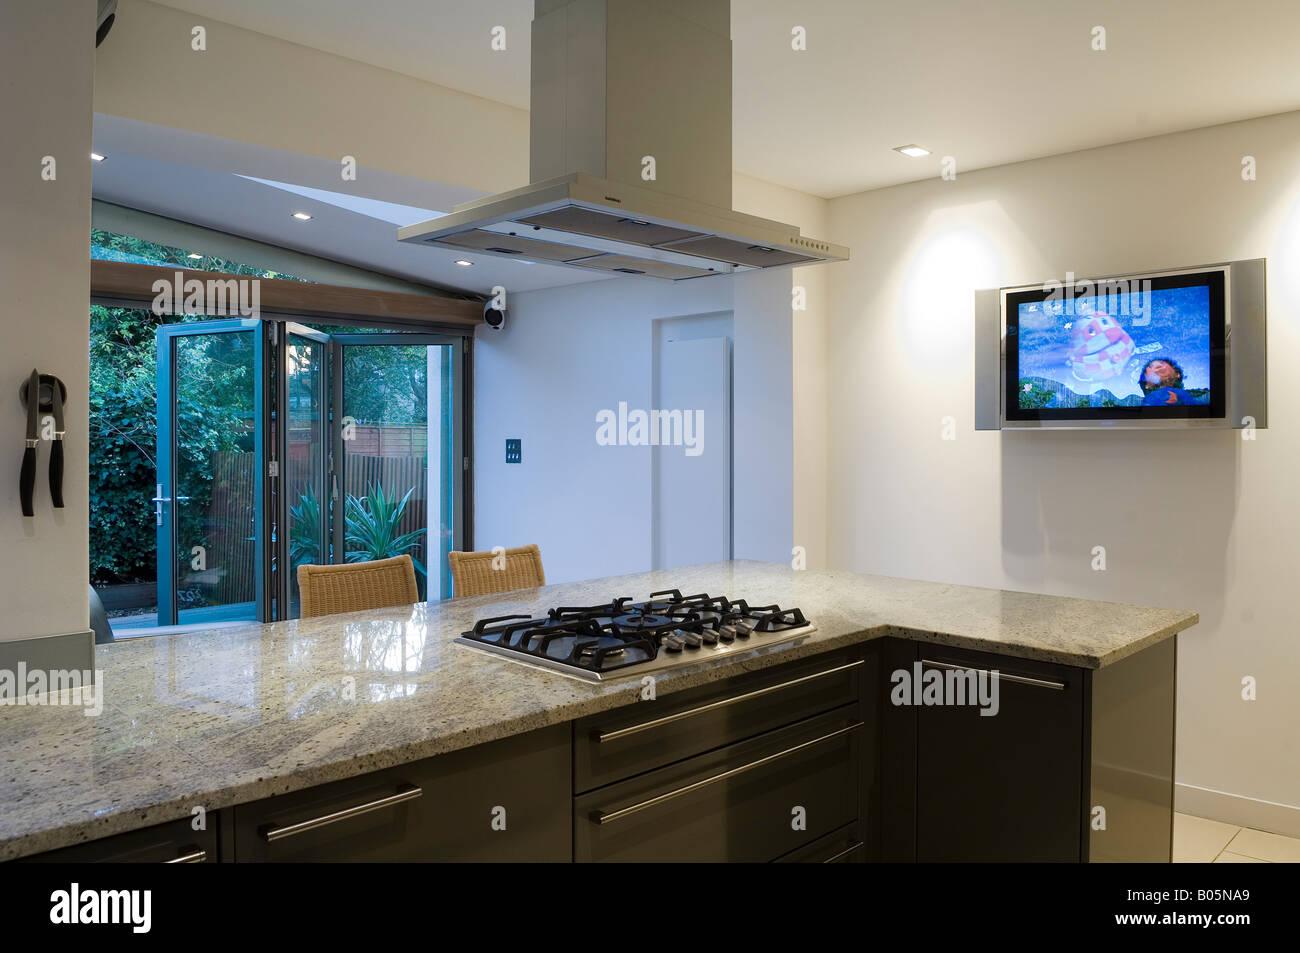 marmor-arbeitsplatte und herd in moderne küche erweiterung von 3 s